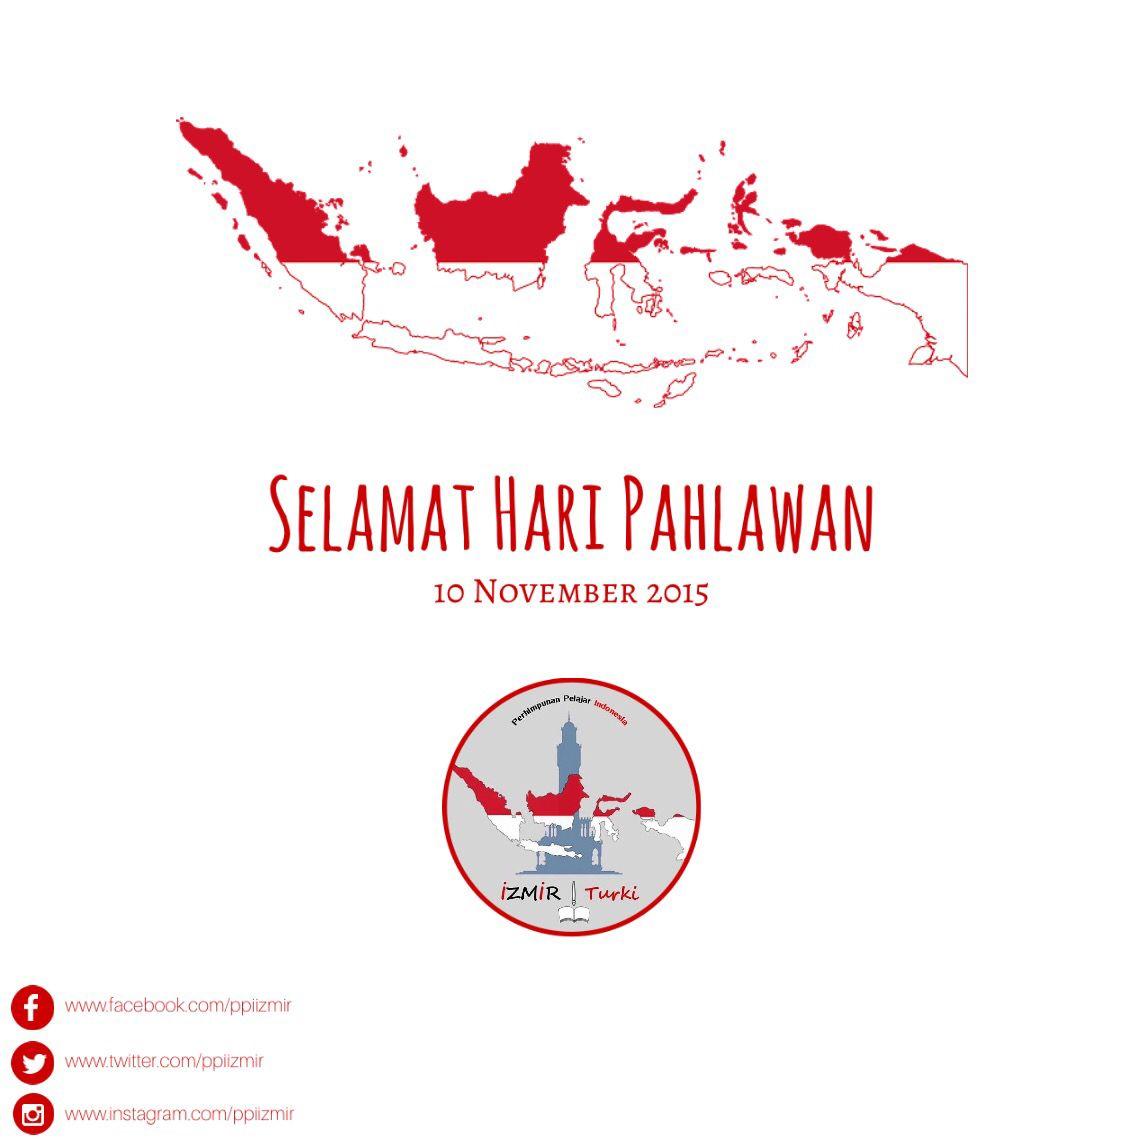 Contoh Gambar Pahlawan Indonesia Yang Mudah